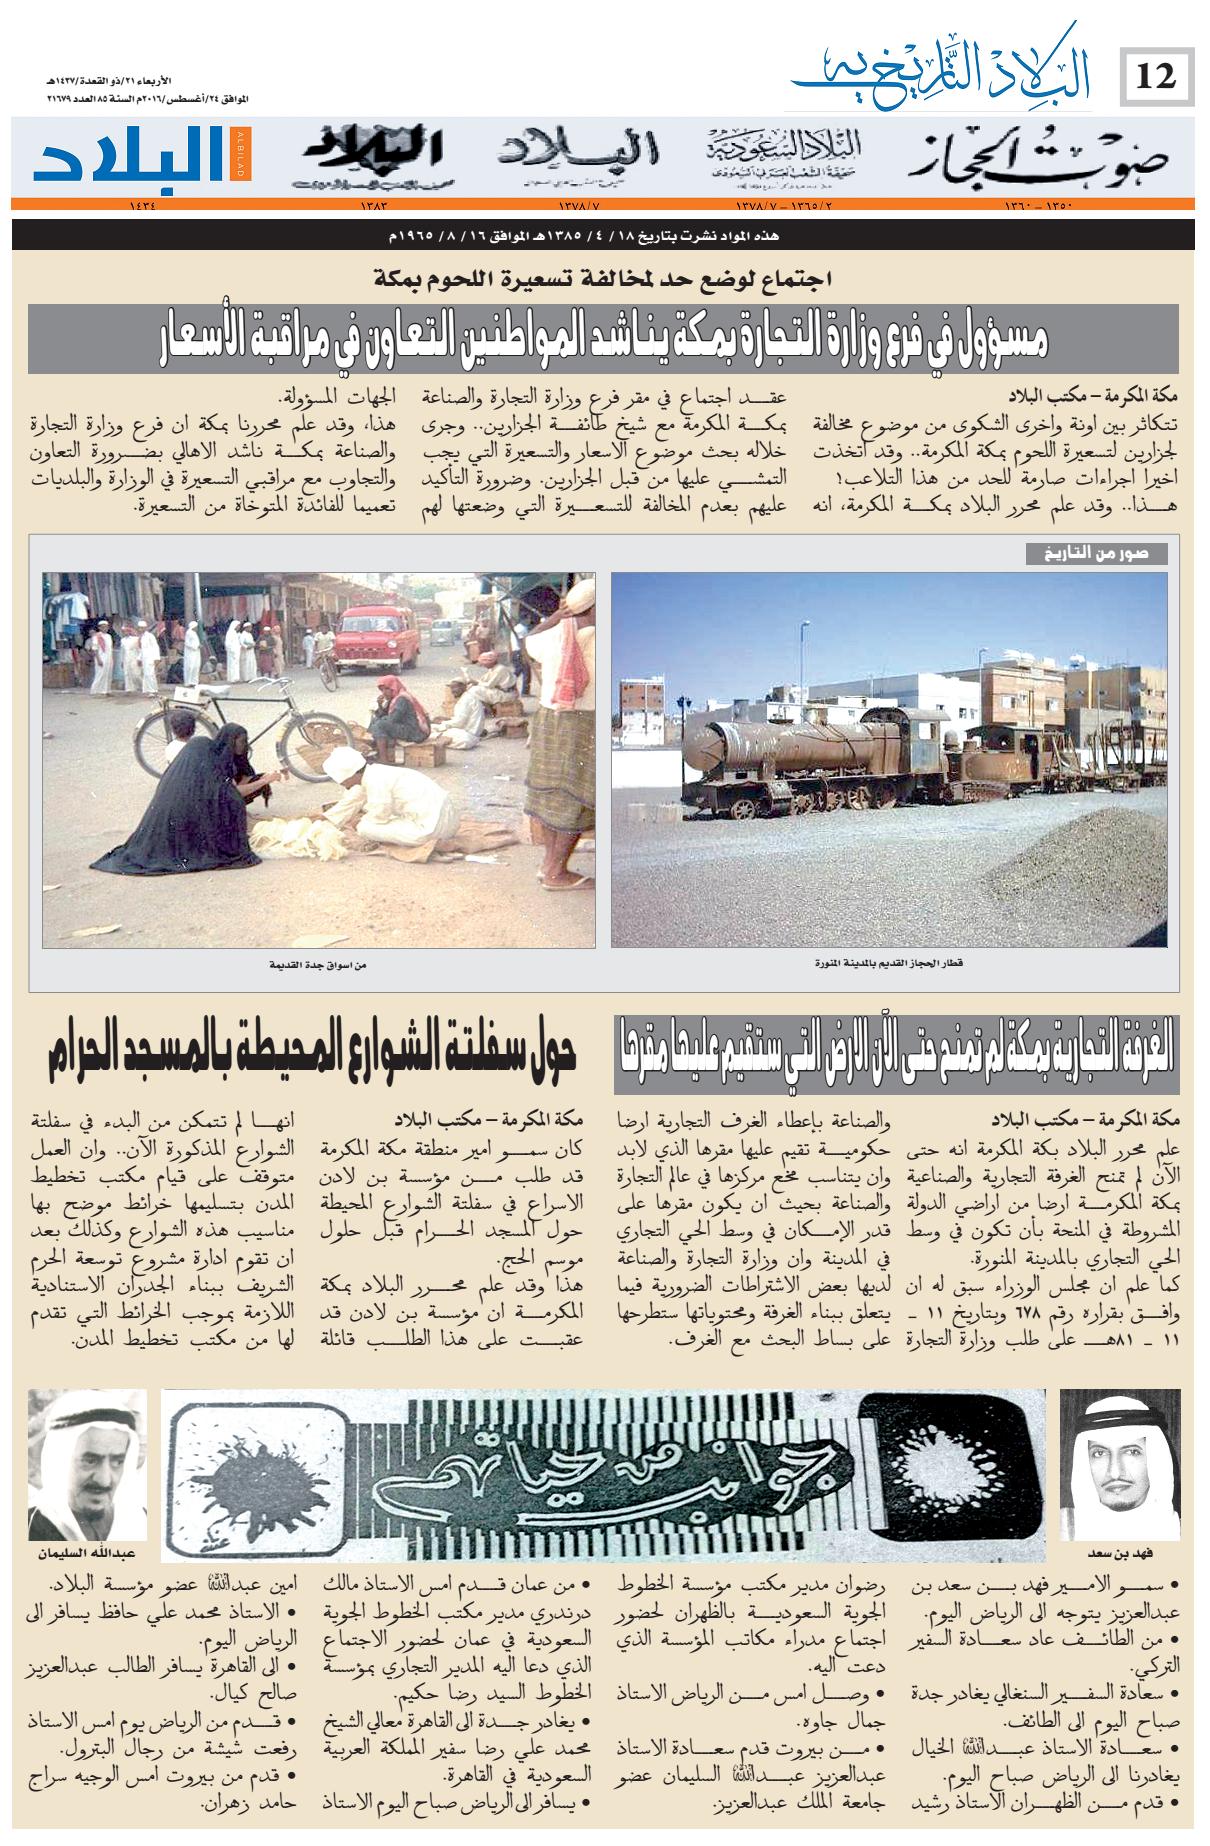 صحيفة البلاد عام 1965 جدة السعودية Event Ticket Event